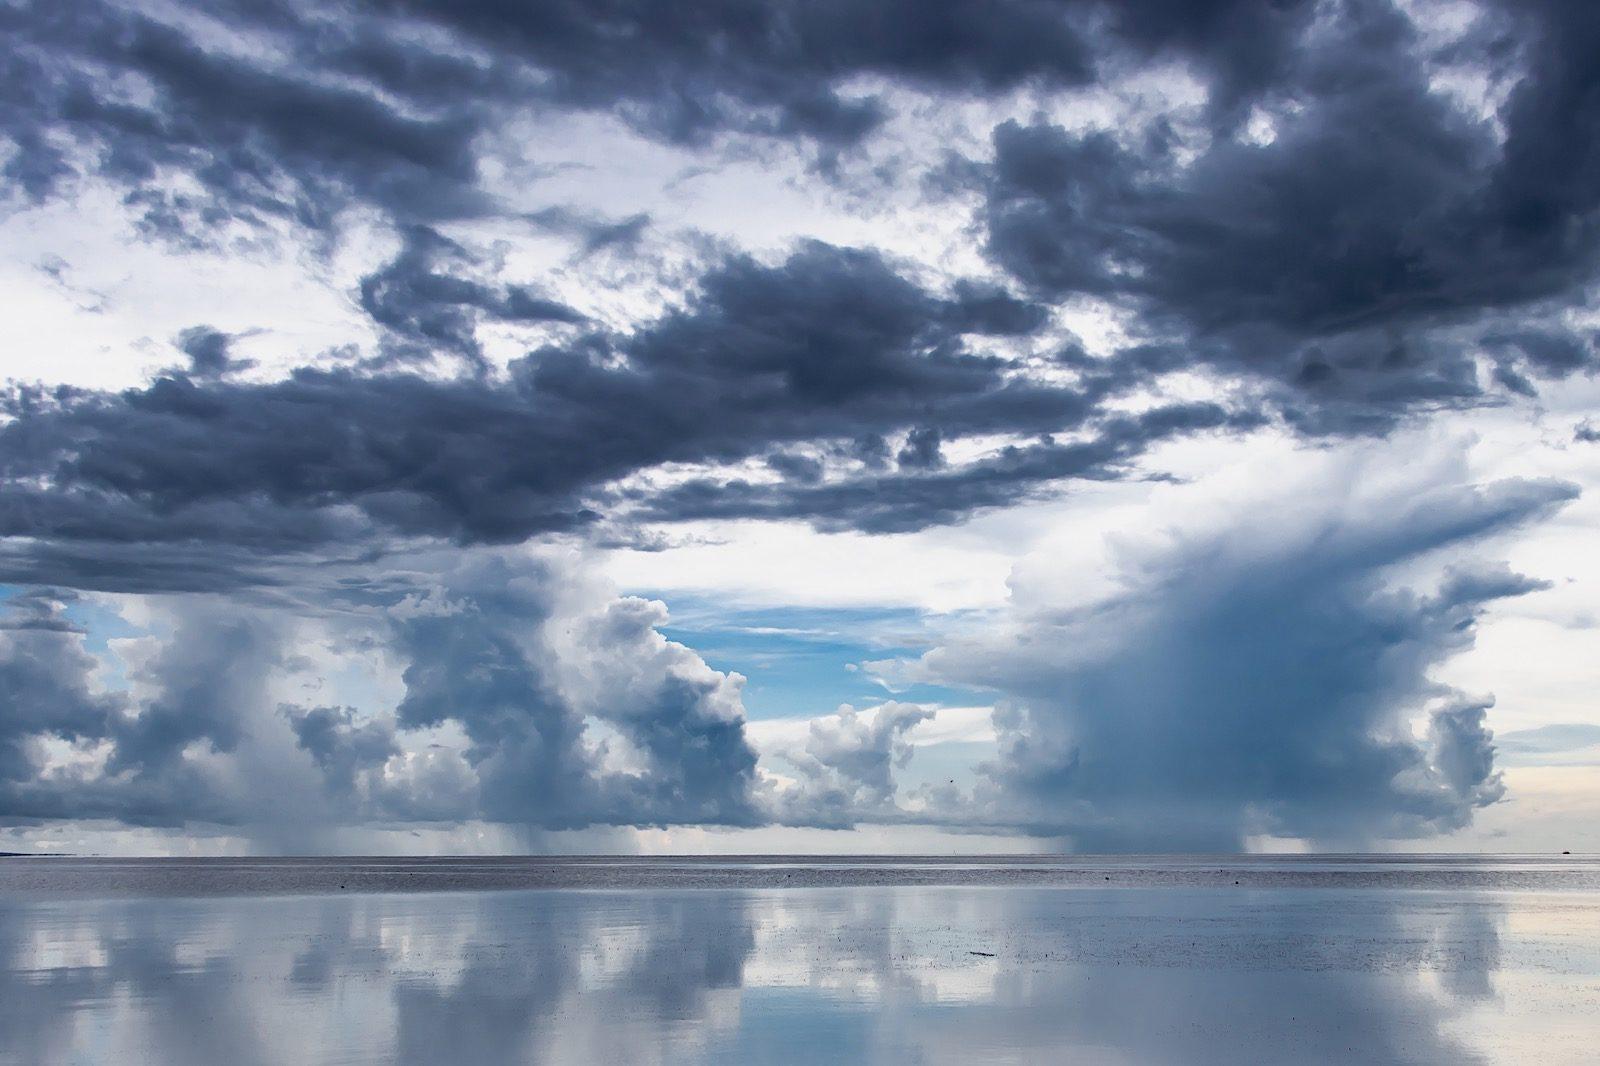 Rain in Mobile Bay